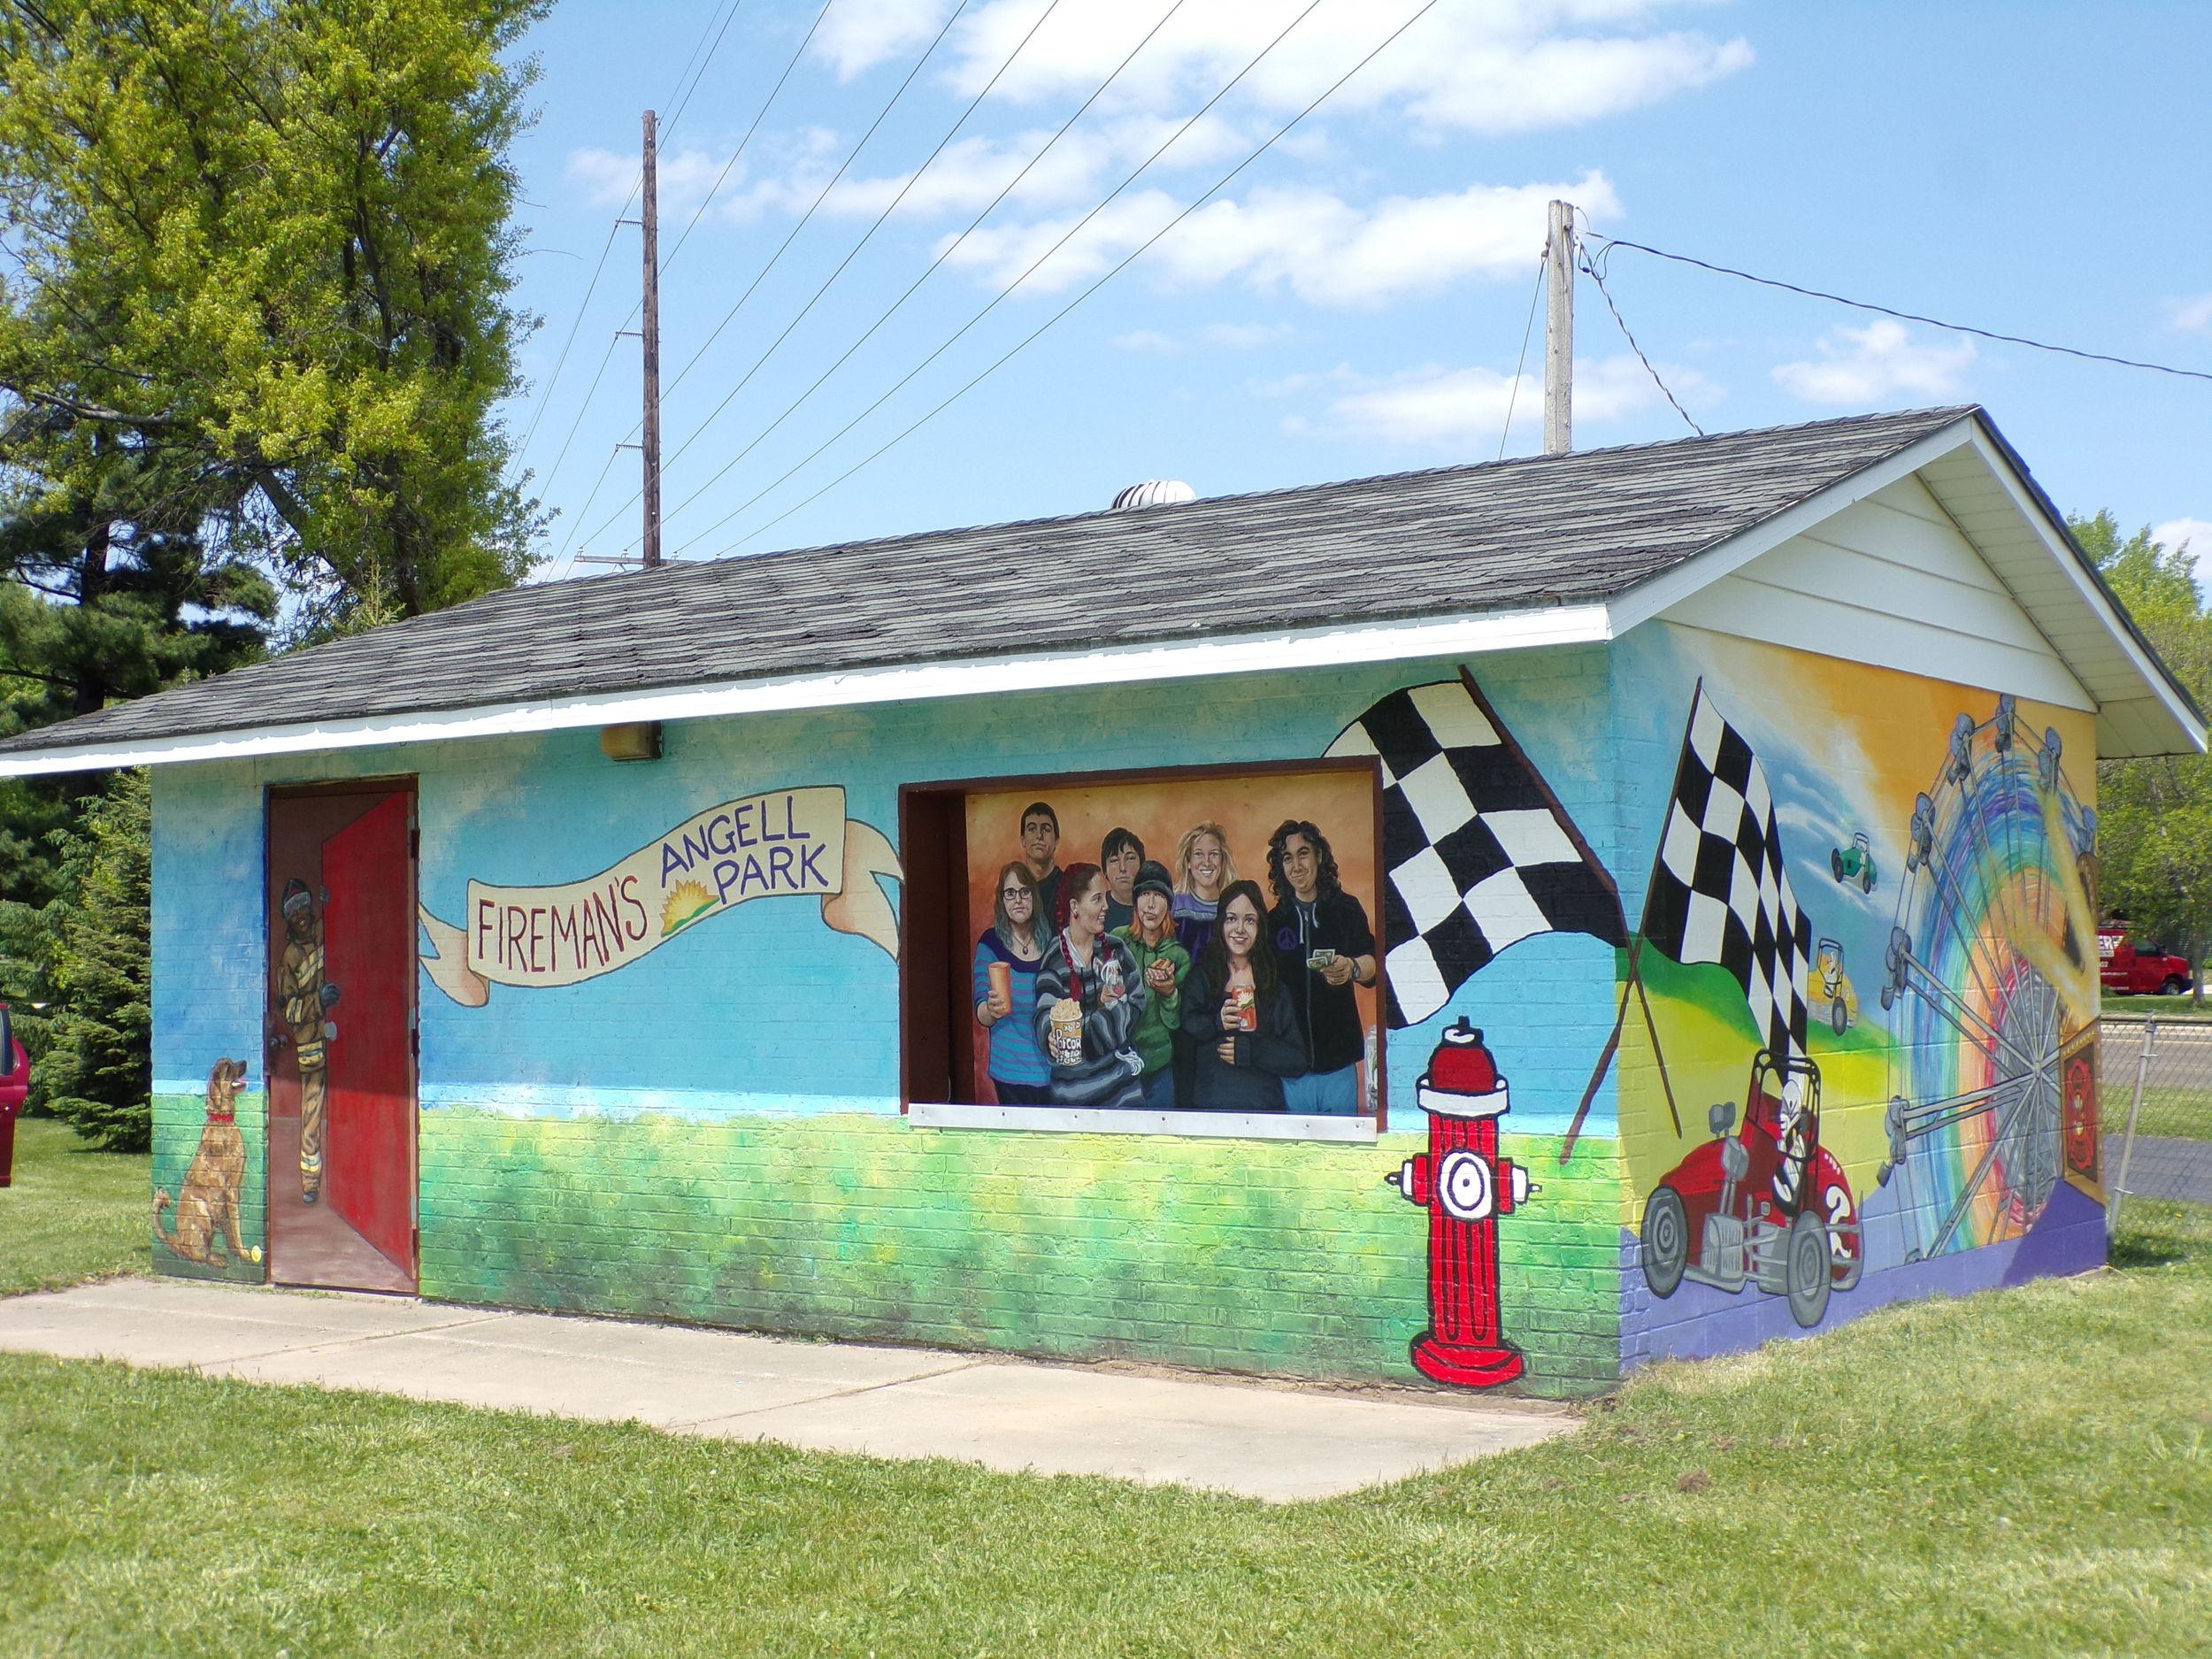 Mural at the concession stand, Sun Prairie Firemen's Angell Park, Sun Prairie